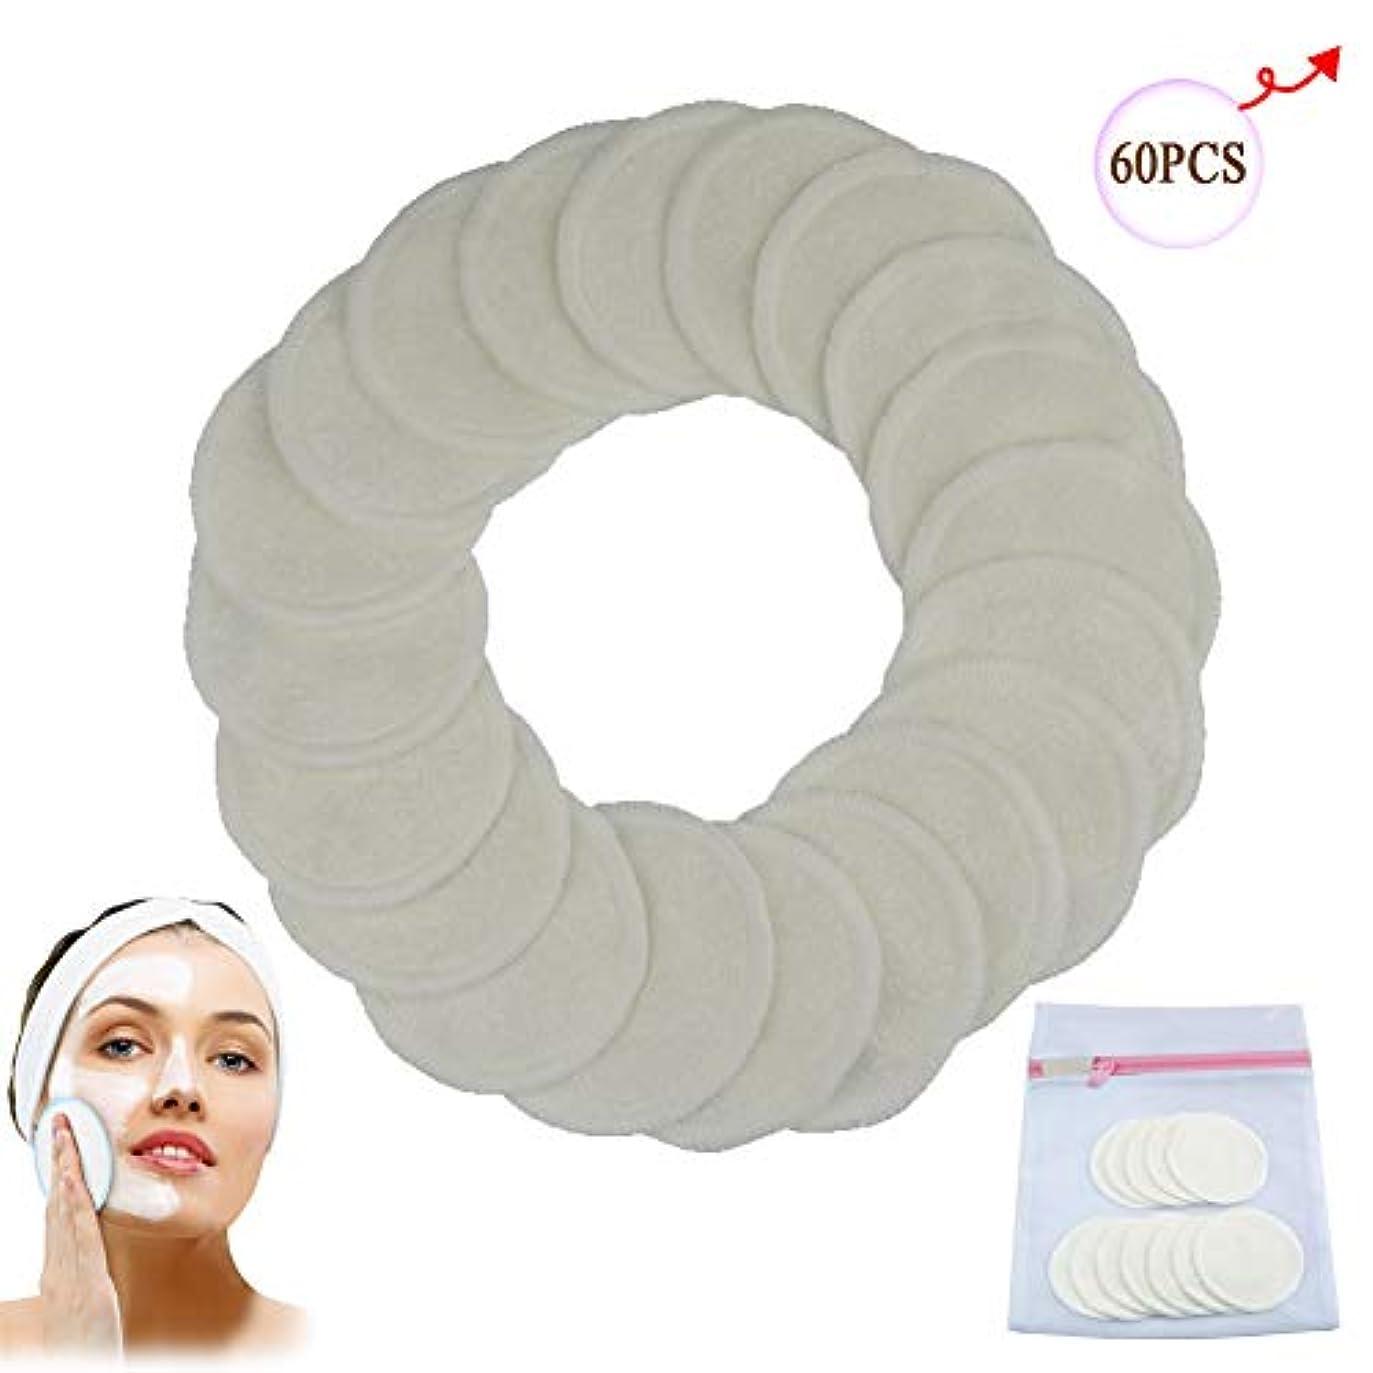 マージファイナンス技術リムーバーパッド、再利用可能な2層の竹繊維の綿パッド、洗えるワイプソフトと快適なランドリーバッグ用女性フェイス/アイ/リップ,60PCS